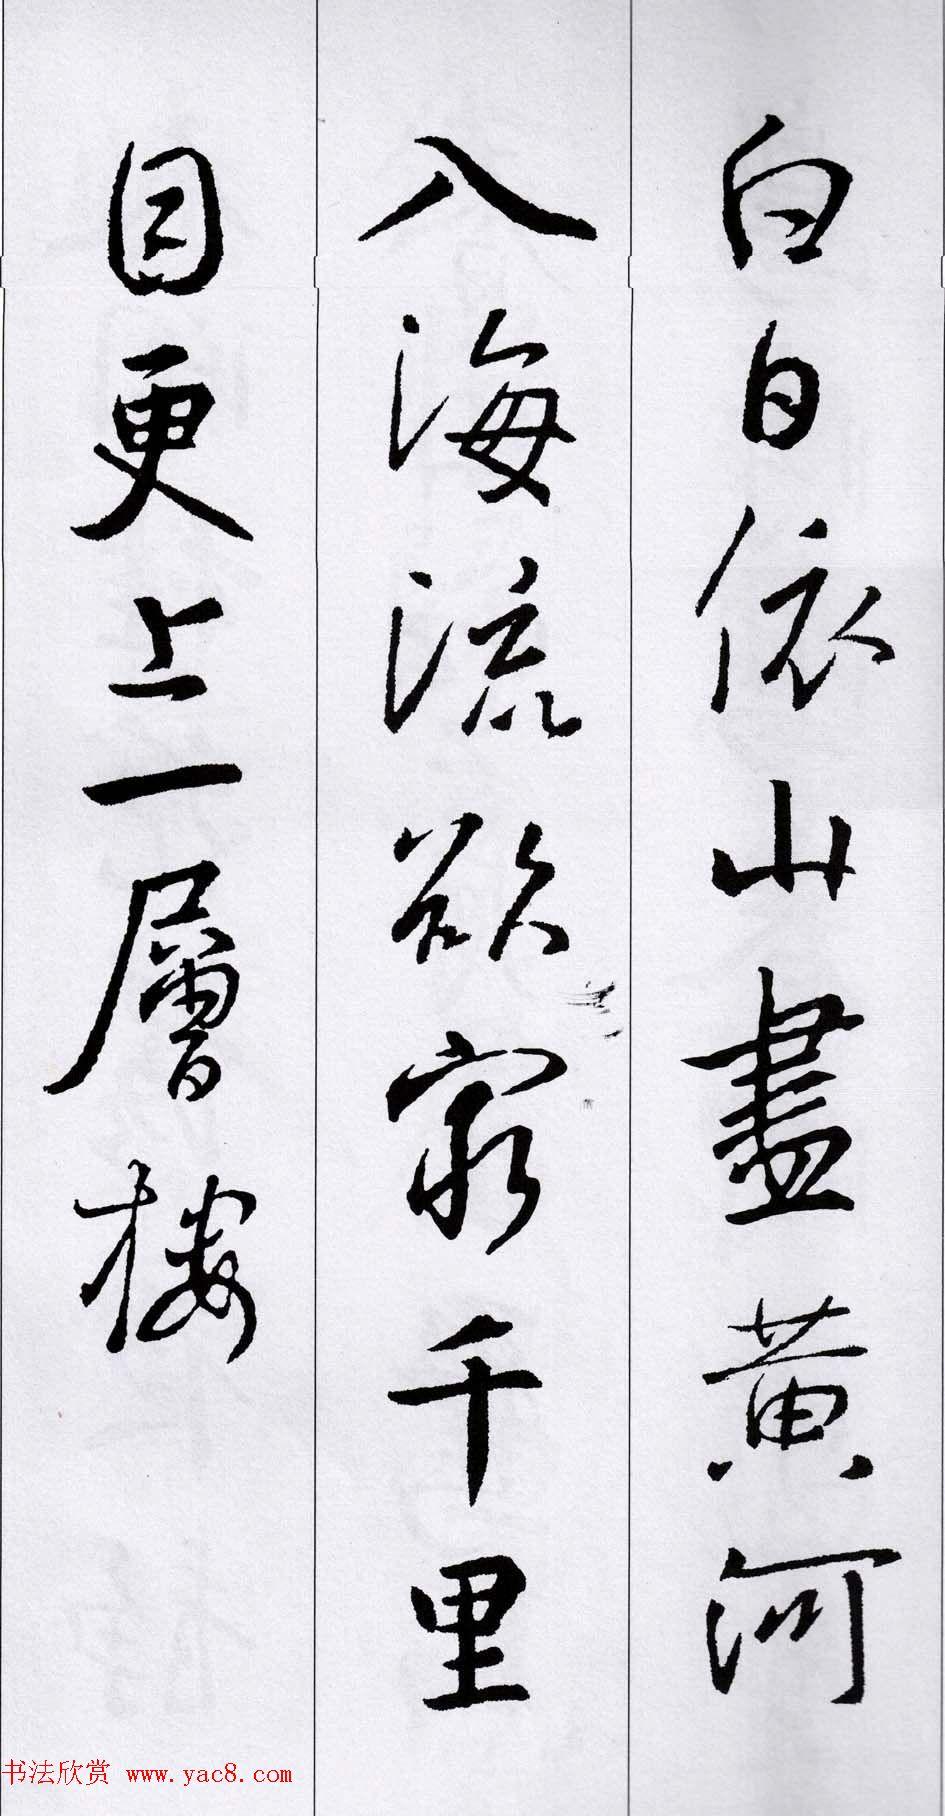 王羲之行书集字五言古诗15首